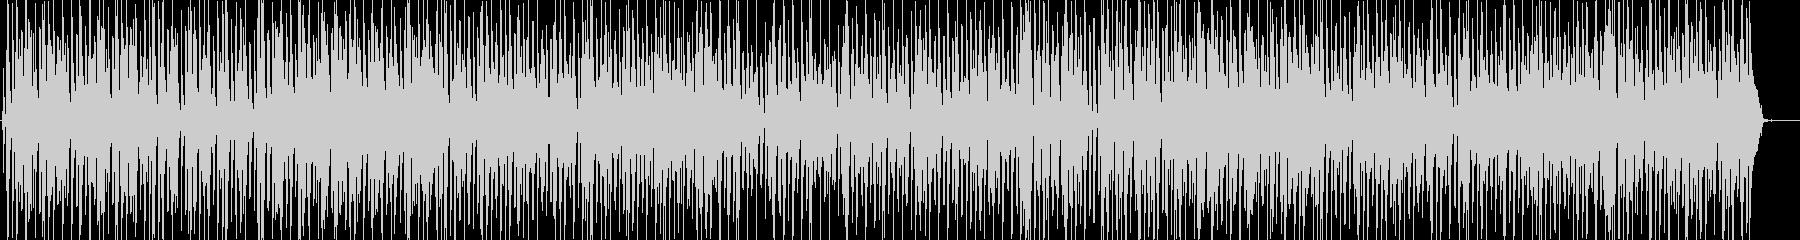 スローでかわいいディキシージャズトリオの未再生の波形